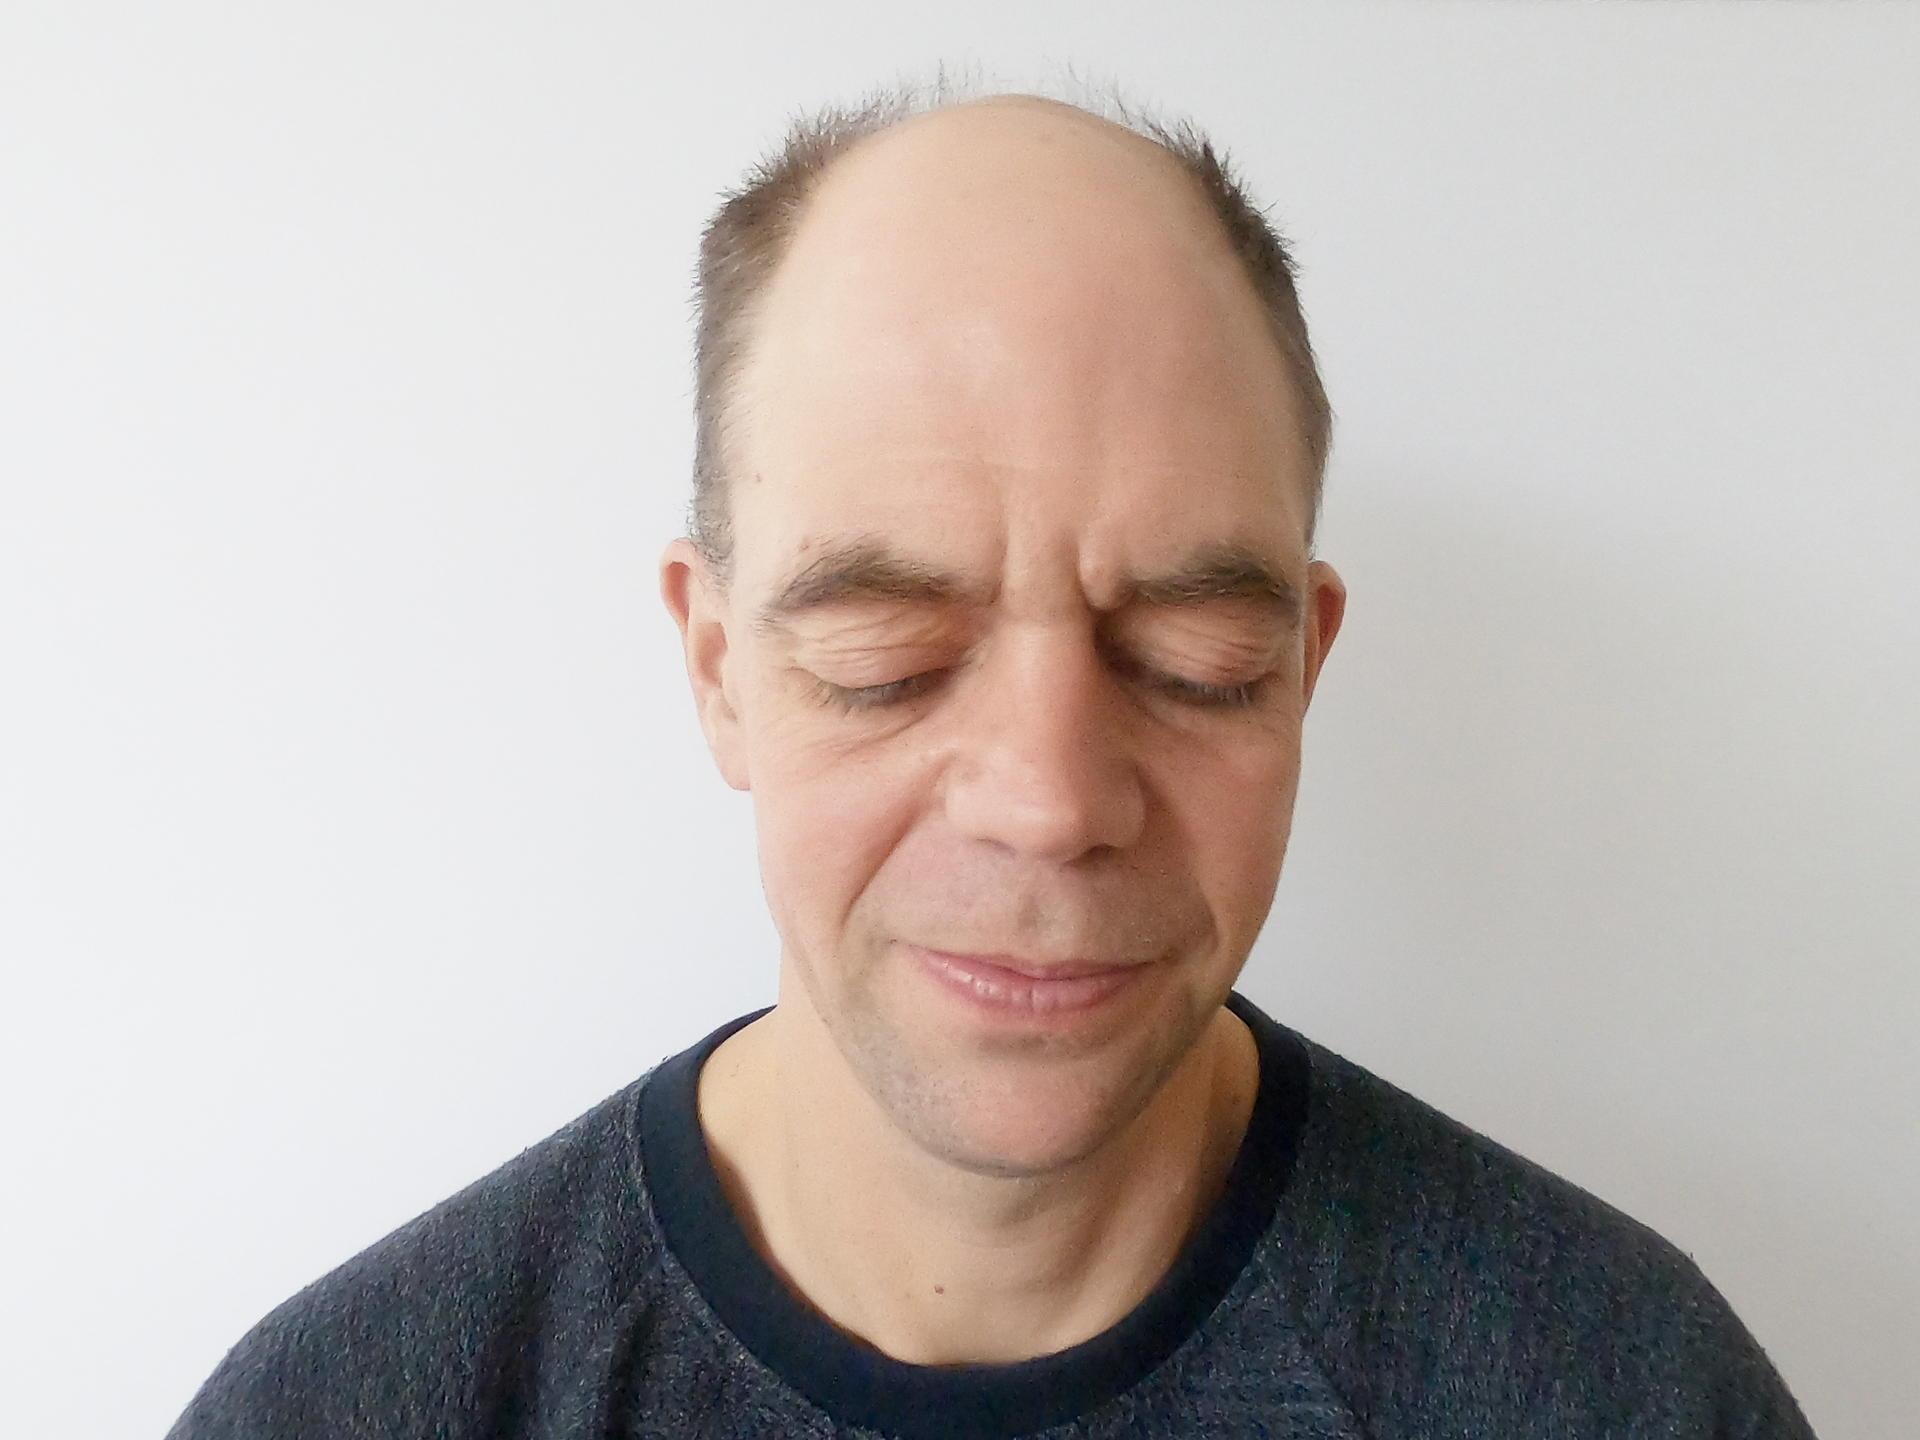 Sven Hönig